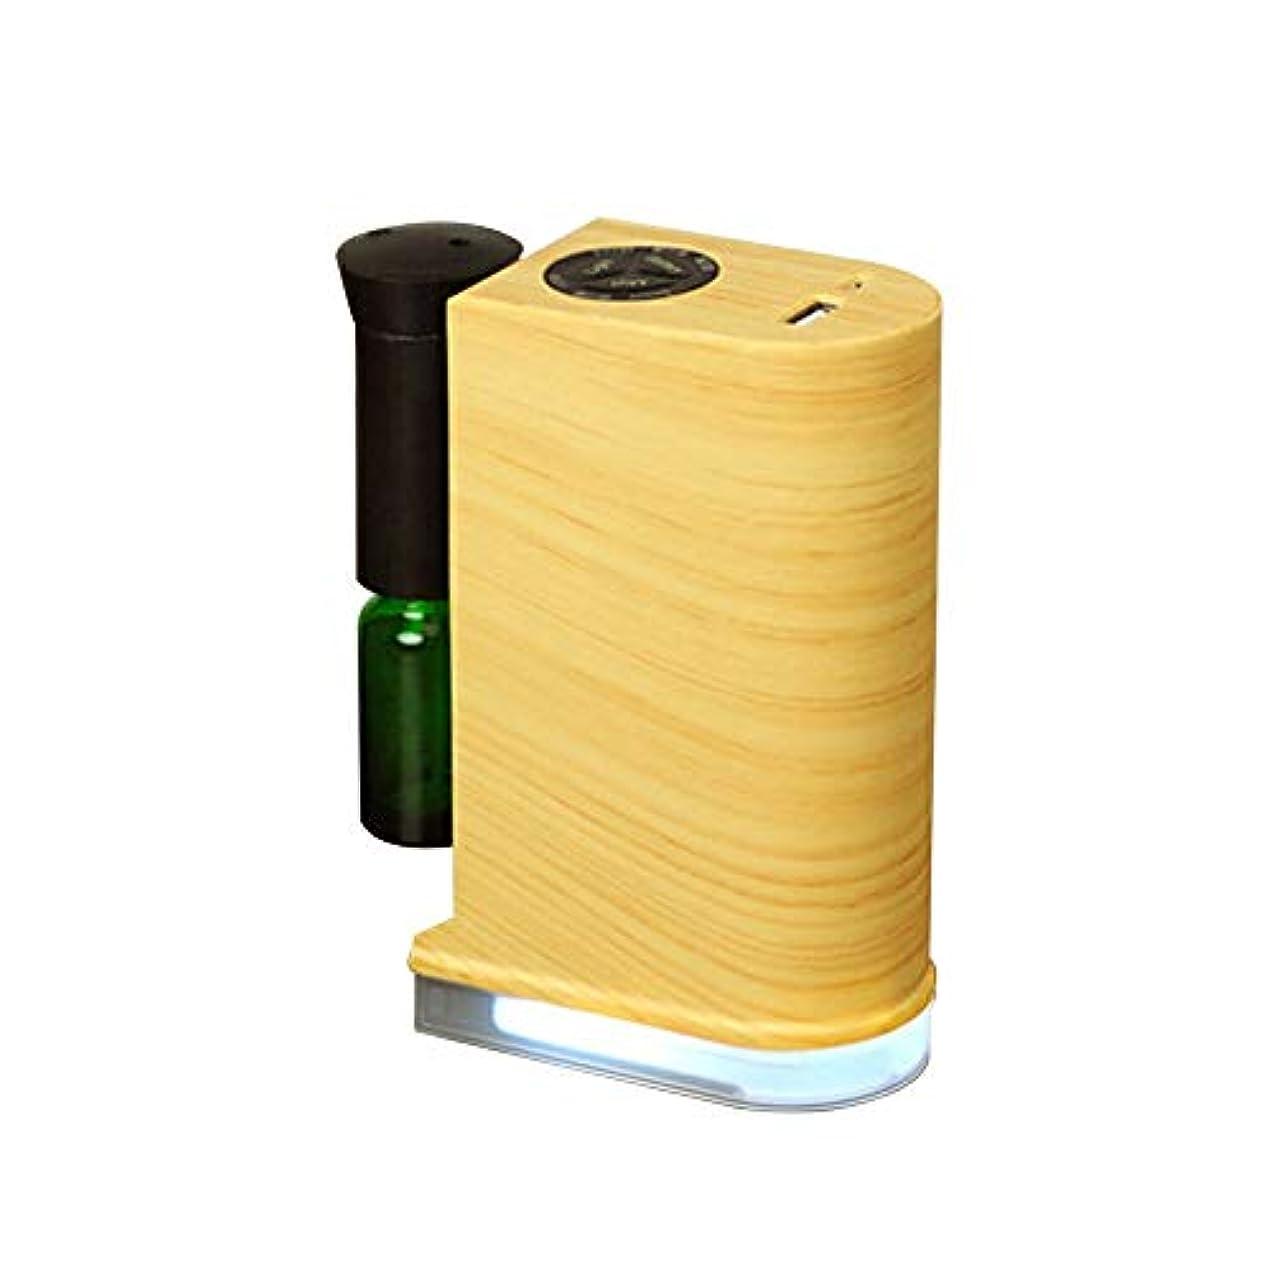 認可奪う配当アロマディフューザー 木目調 ネブライザー式 USBポート付き 癒しの空間 卓上 アロマライト アロマオイル スマホ充電可能 オフィス リビング ナチュラル